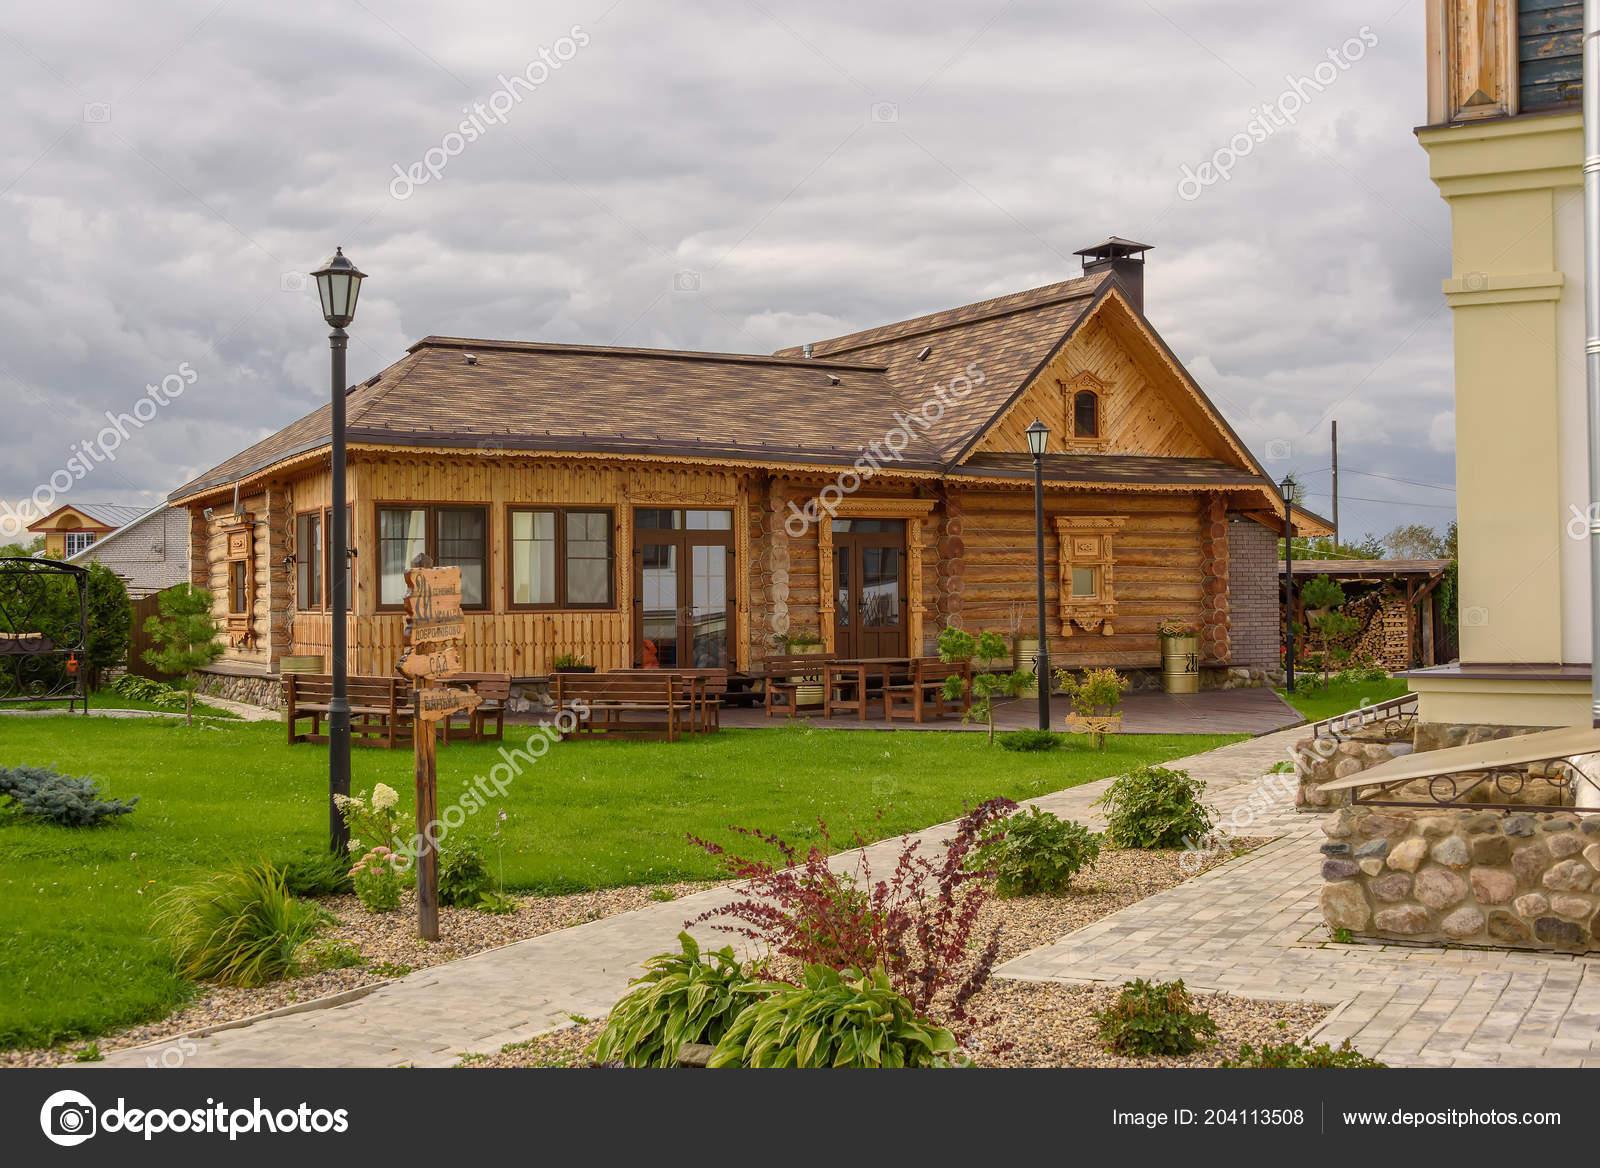 Petite Maison Bois Moderne Dans Style Russe Suzdal Russie 2017